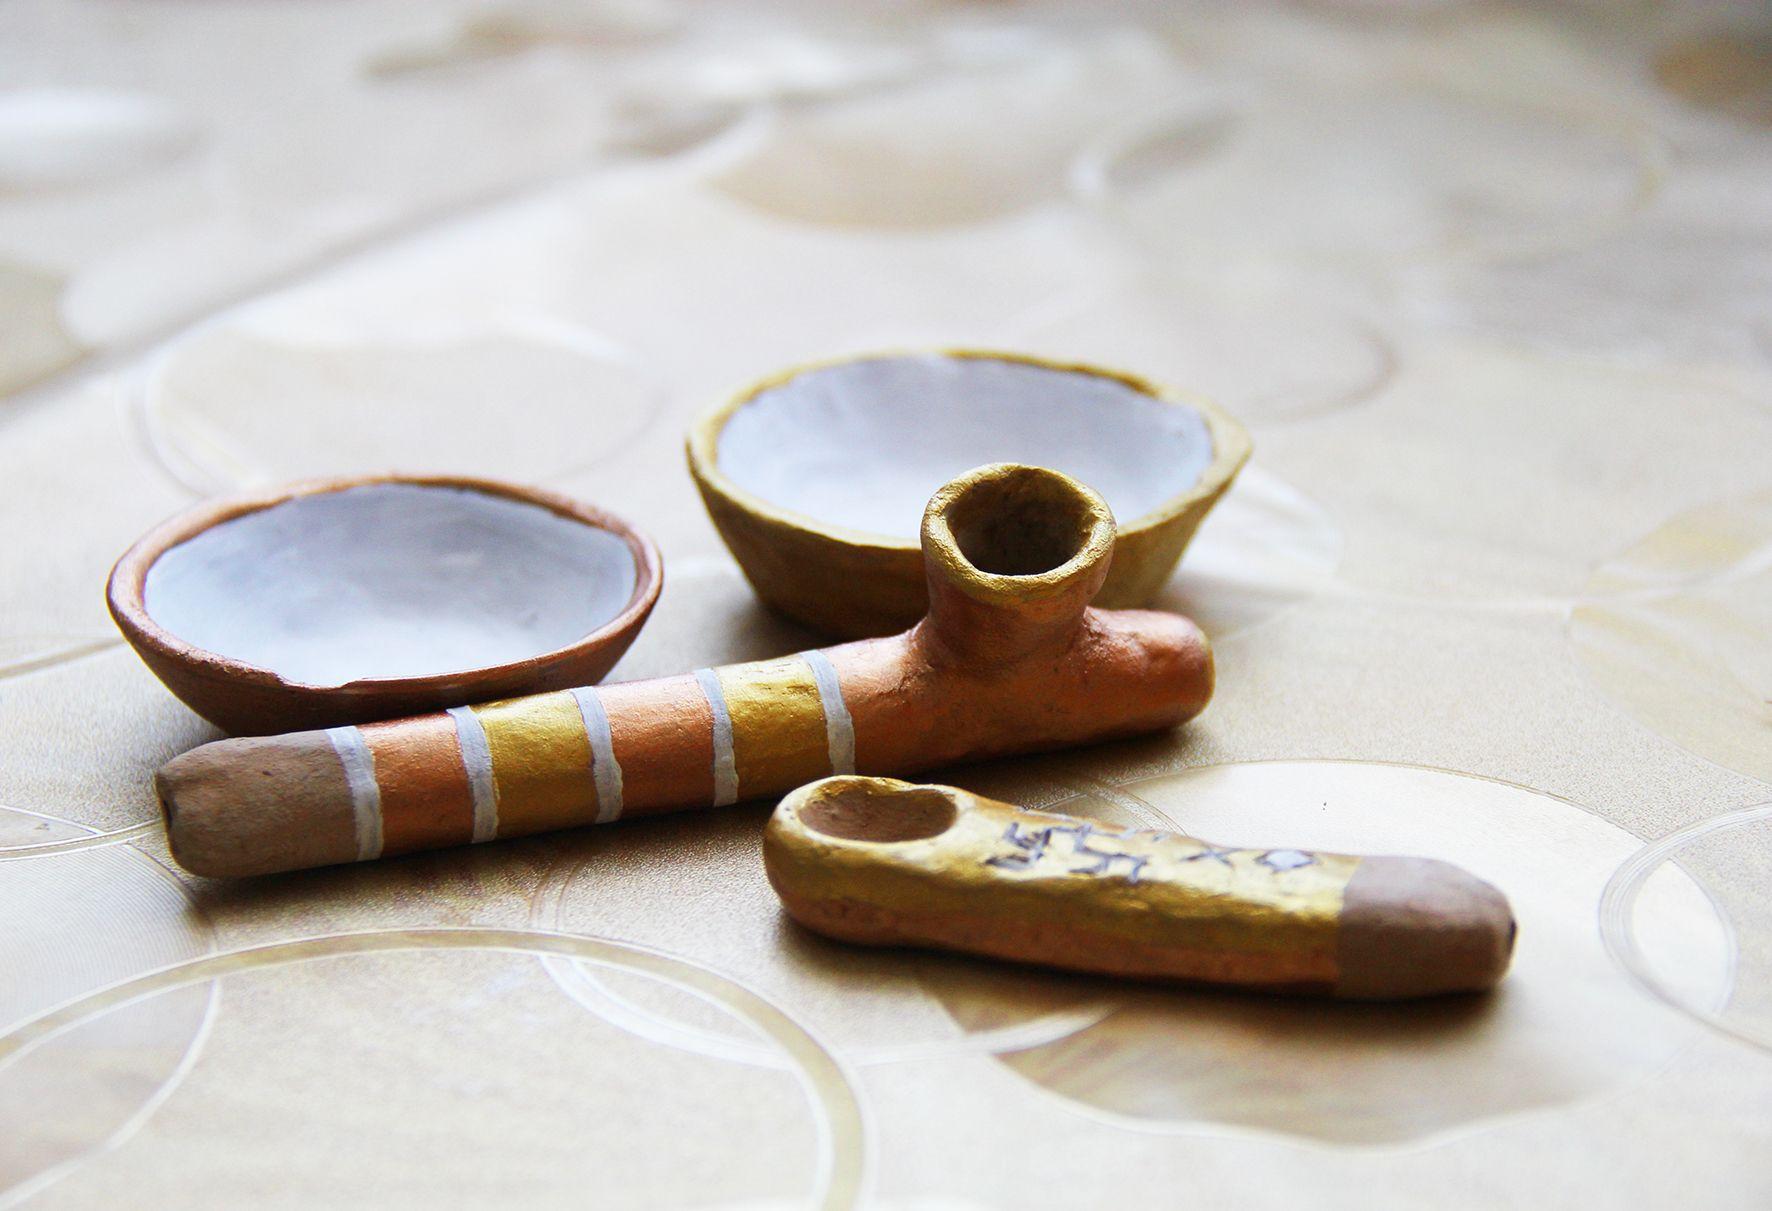 Ручной работы глиняные соусницы и трубки. Фото Evgenia Shveda